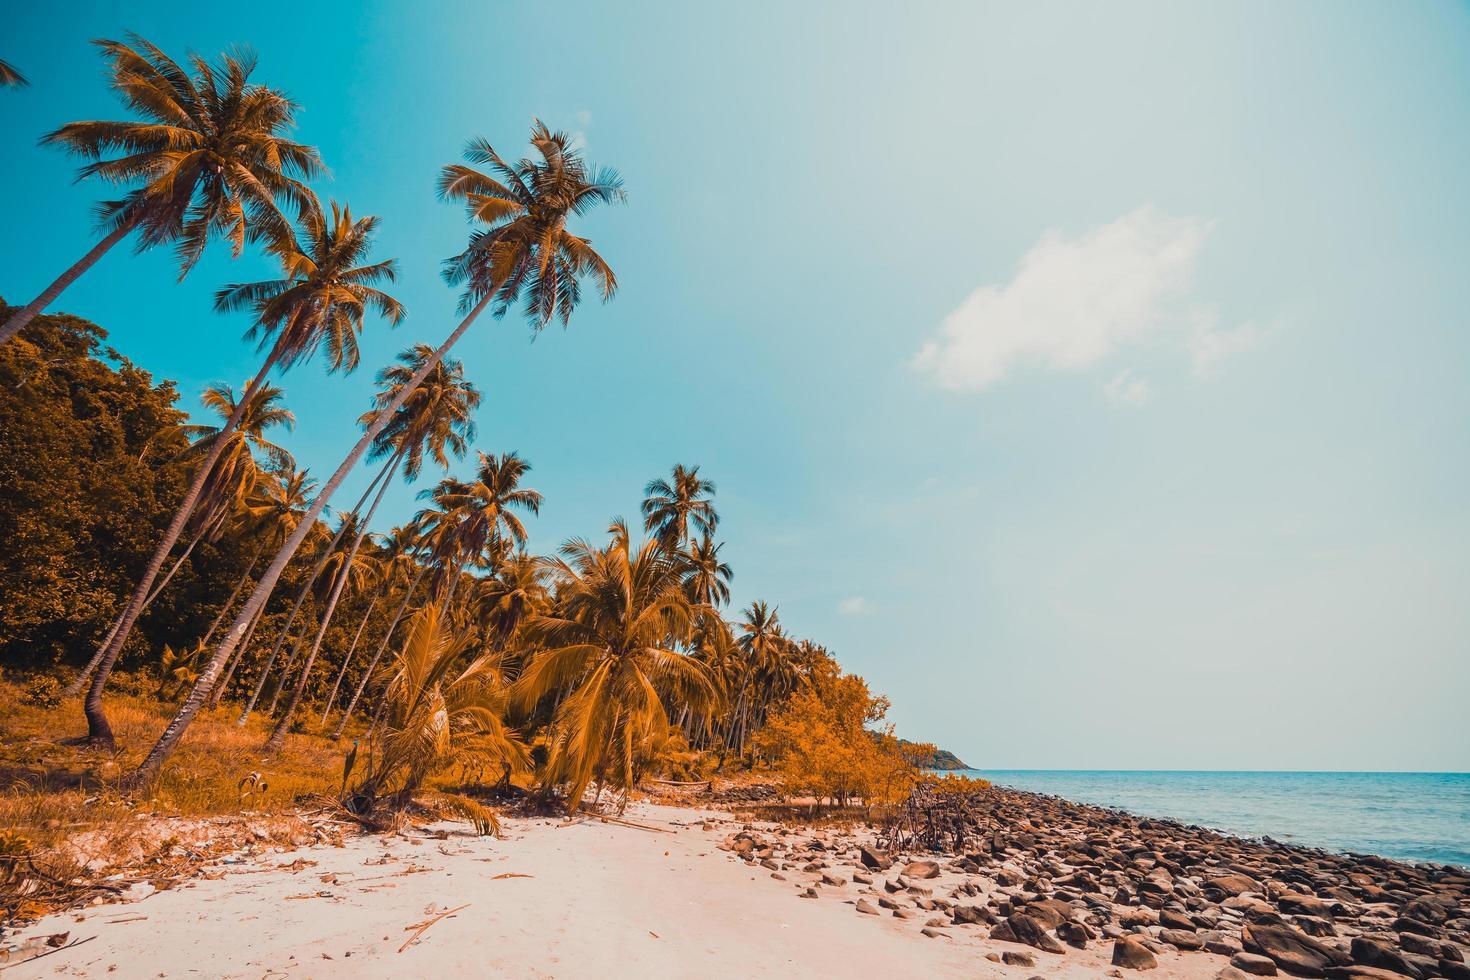 playa tropical y mar con cocoteros foto